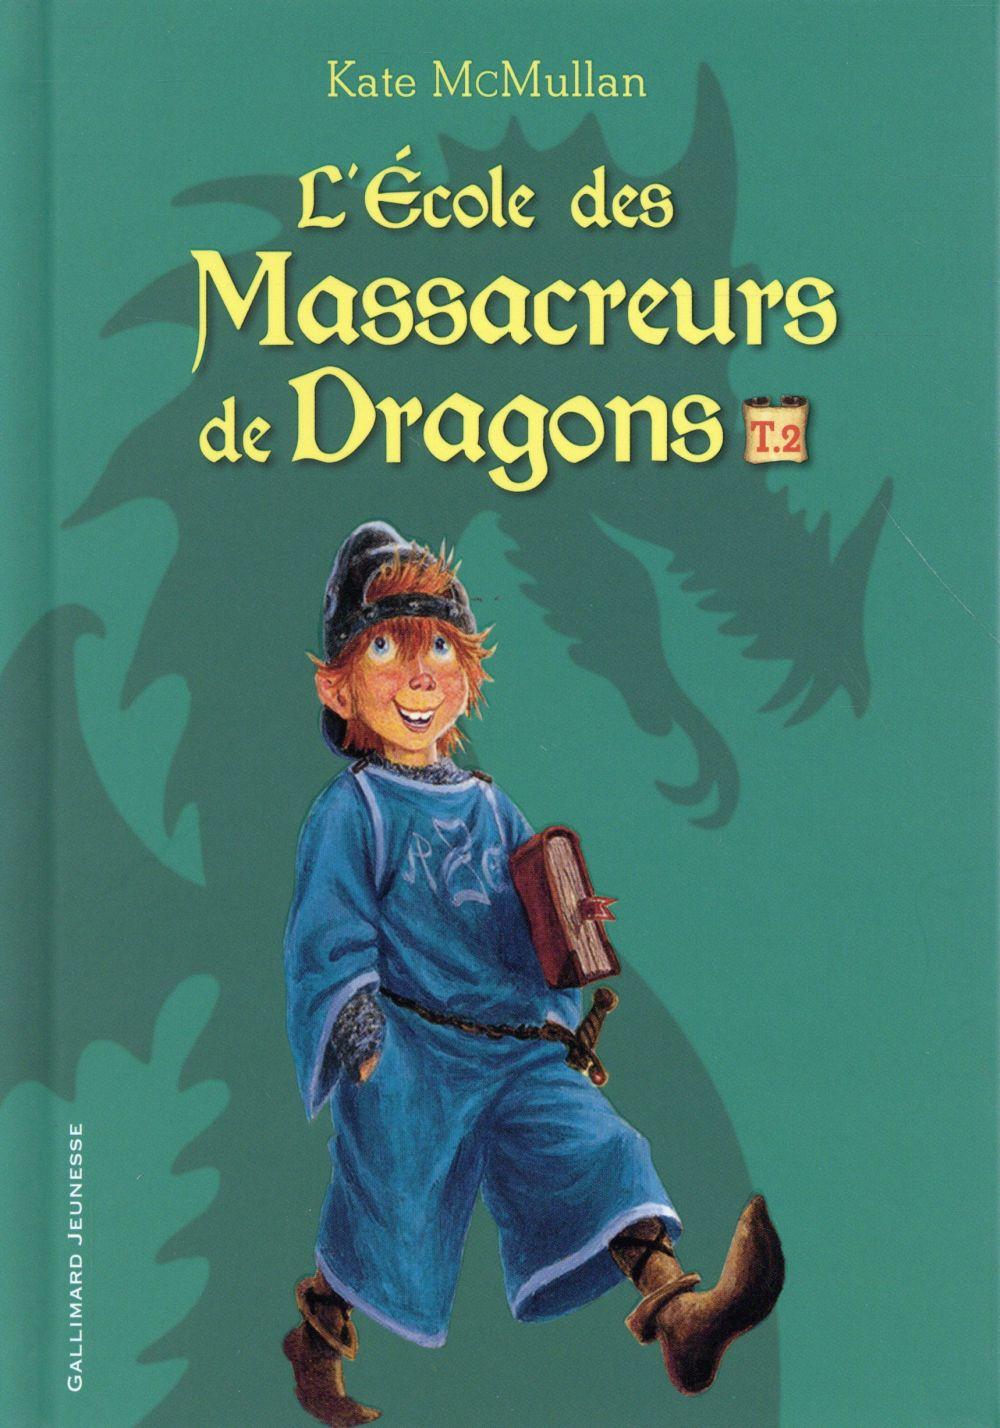 L'ECOLE DES MASSACREURS DE DRAGONS T2